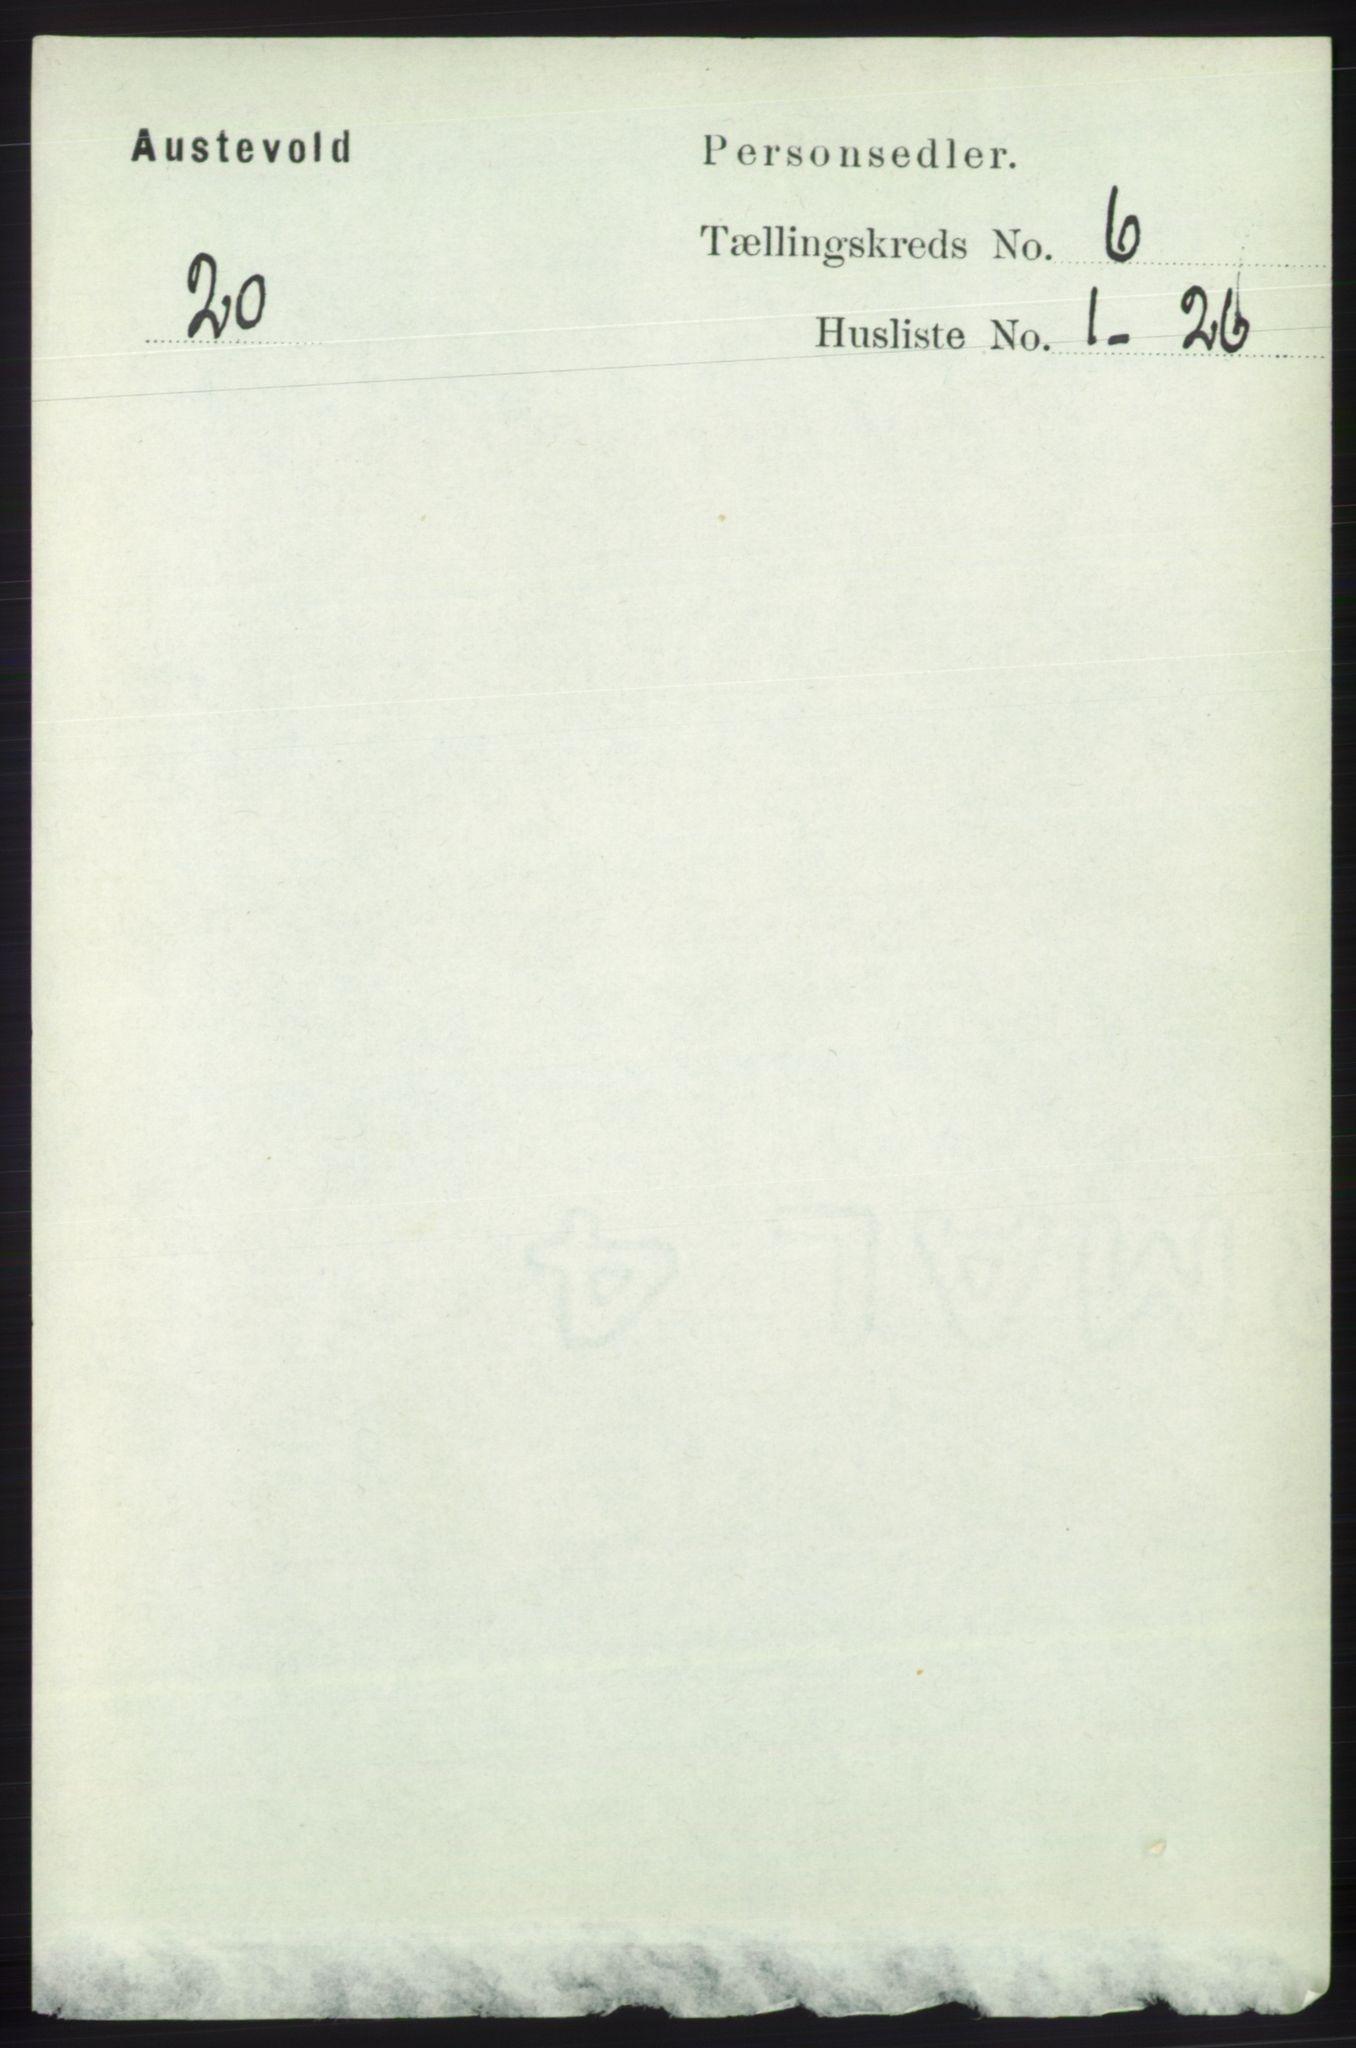 RA, Folketelling 1891 for 1244 Austevoll herred, 1891, s. 2566